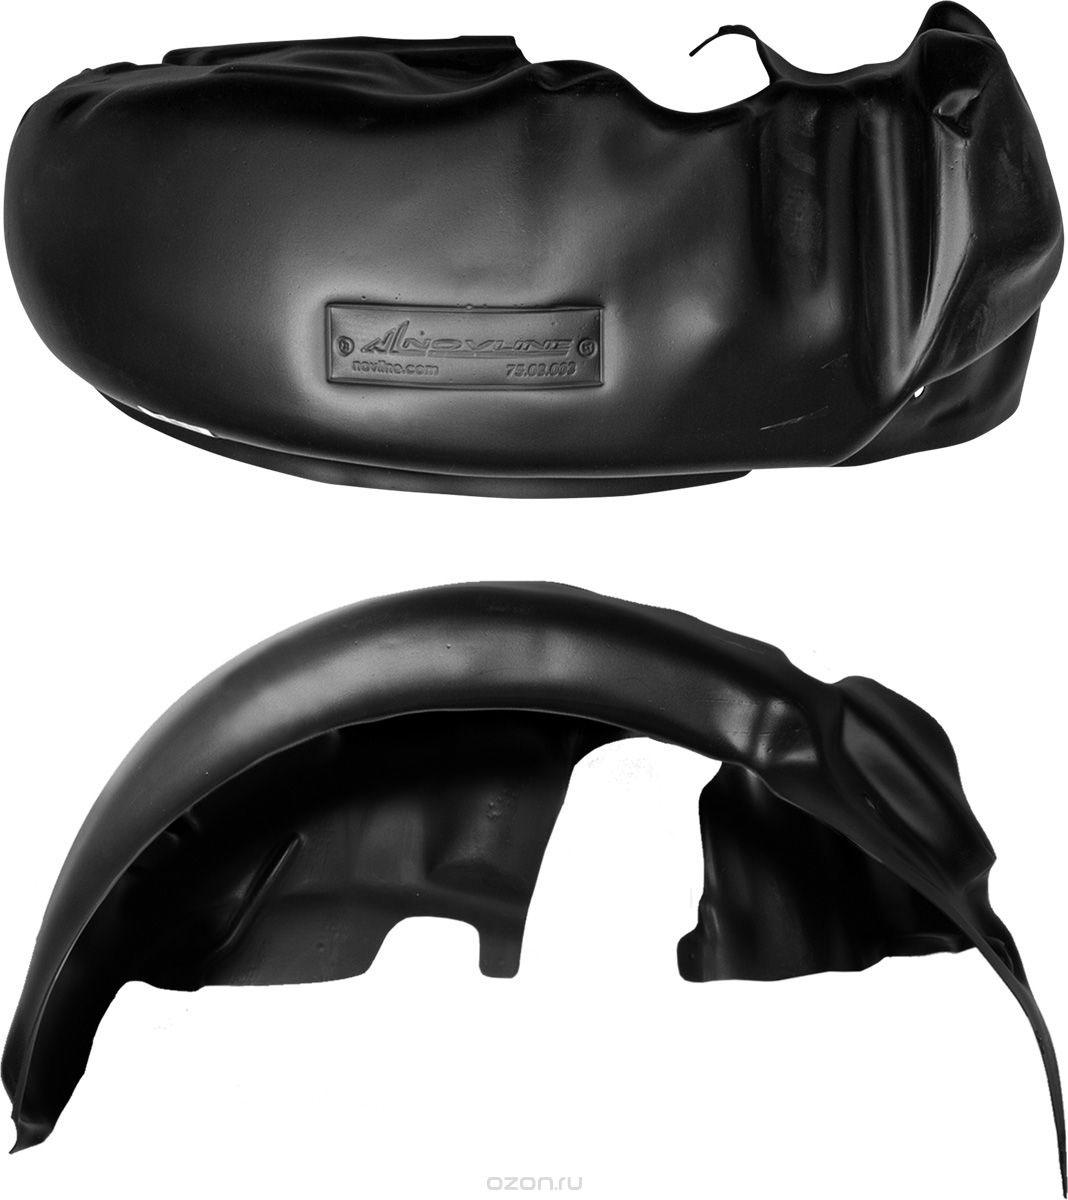 Подкрылок Novline-Autofamily, для MITSUBISHI L200, 2015->, передний левыйNLL.35.34.001Идеальная защита колесной ниши. Локеры разработаны с применением цифровых технологий, гарантируют максимальную повторяемость поверхности арки. Изделия устанавливаются без нарушения лакокрасочного покрытия автомобиля, каждый подкрылок комплектуется крепежом. Уважаемые клиенты, обращаем ваше внимание, что фотографии на подкрылки универсальные и не отражают реальную форму изделия. При этом само изделие идет точно под размер указанного автомобиля.